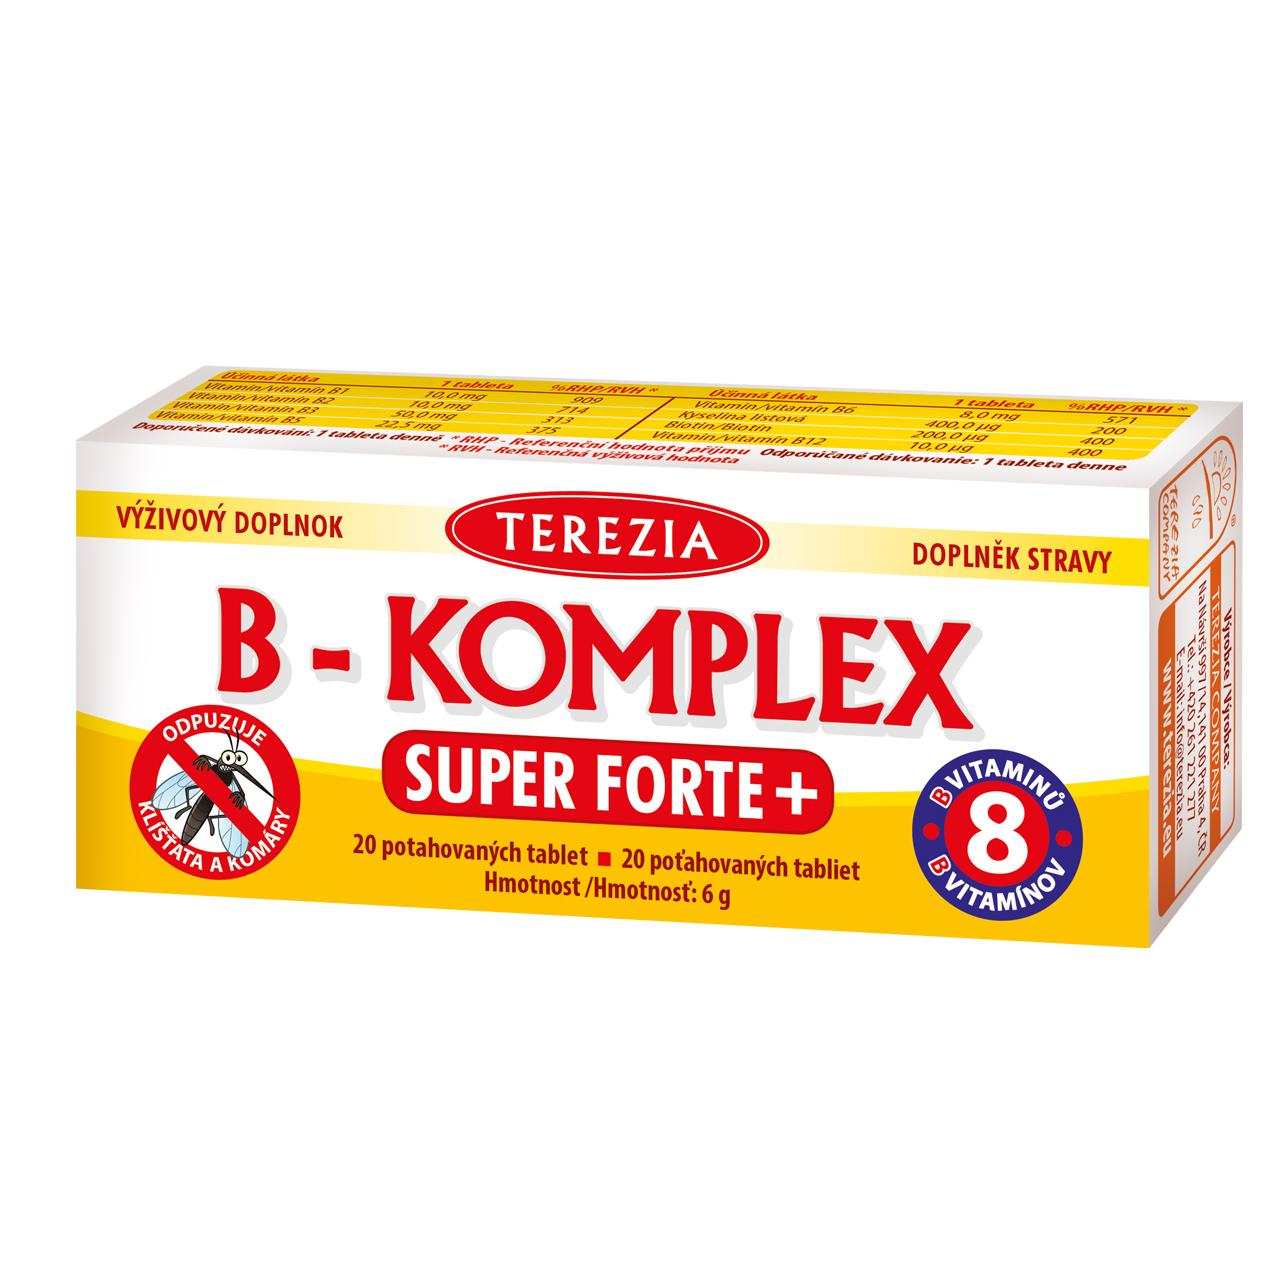 Levně B-KOMPLEX super forte+ 100 tablet